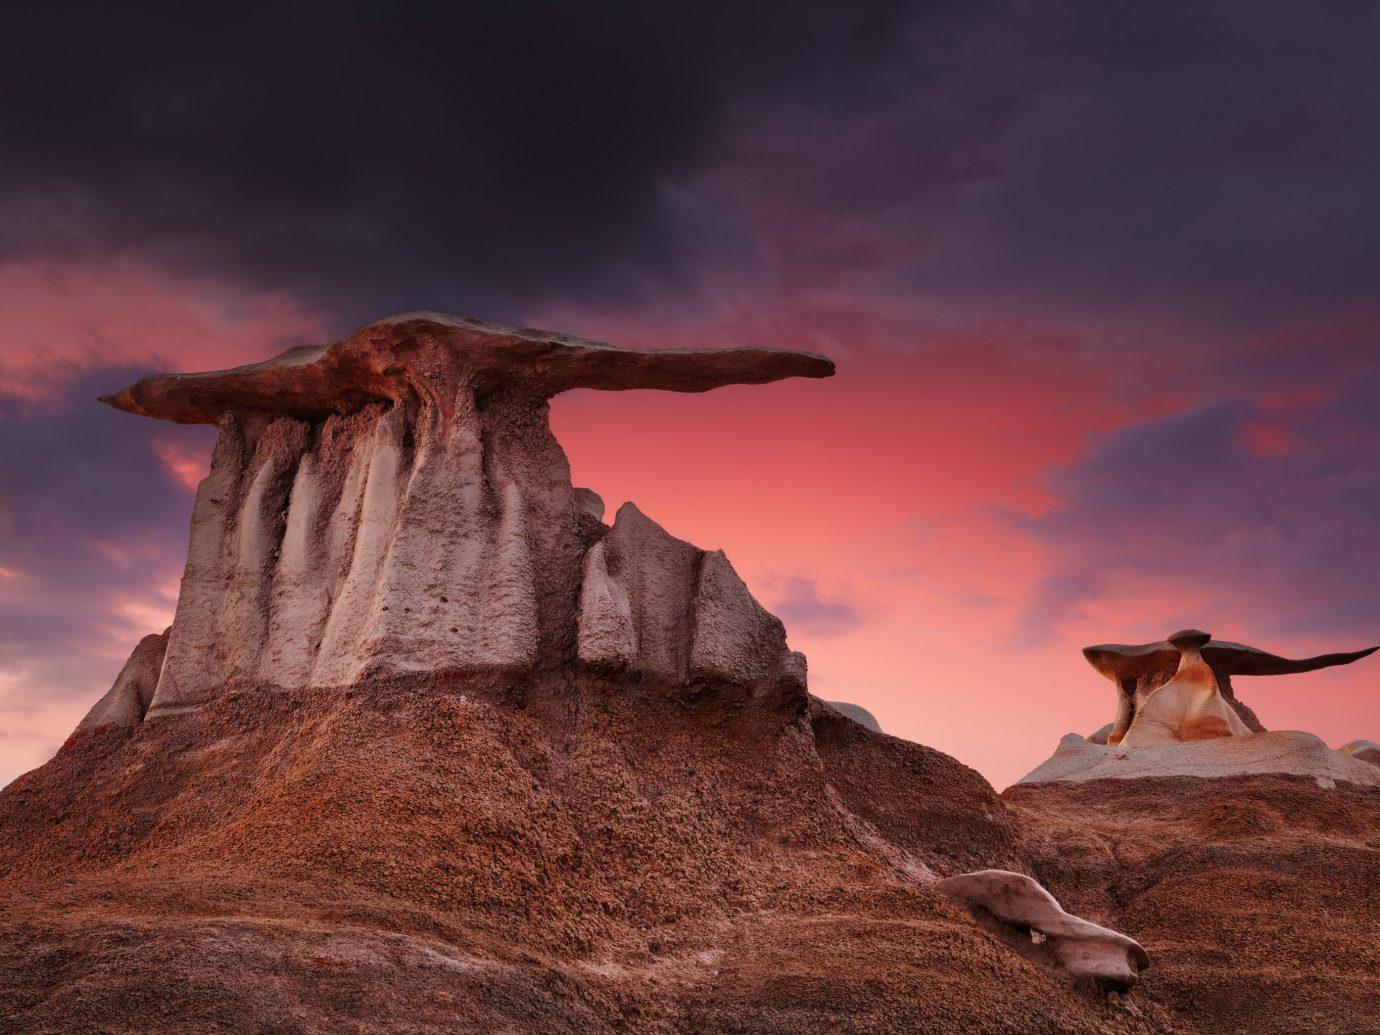 Offbeat Trip Ideas outdoor Nature sky mountain canyon wilderness valley rock screenshot landscape monument terrain savanna hillside